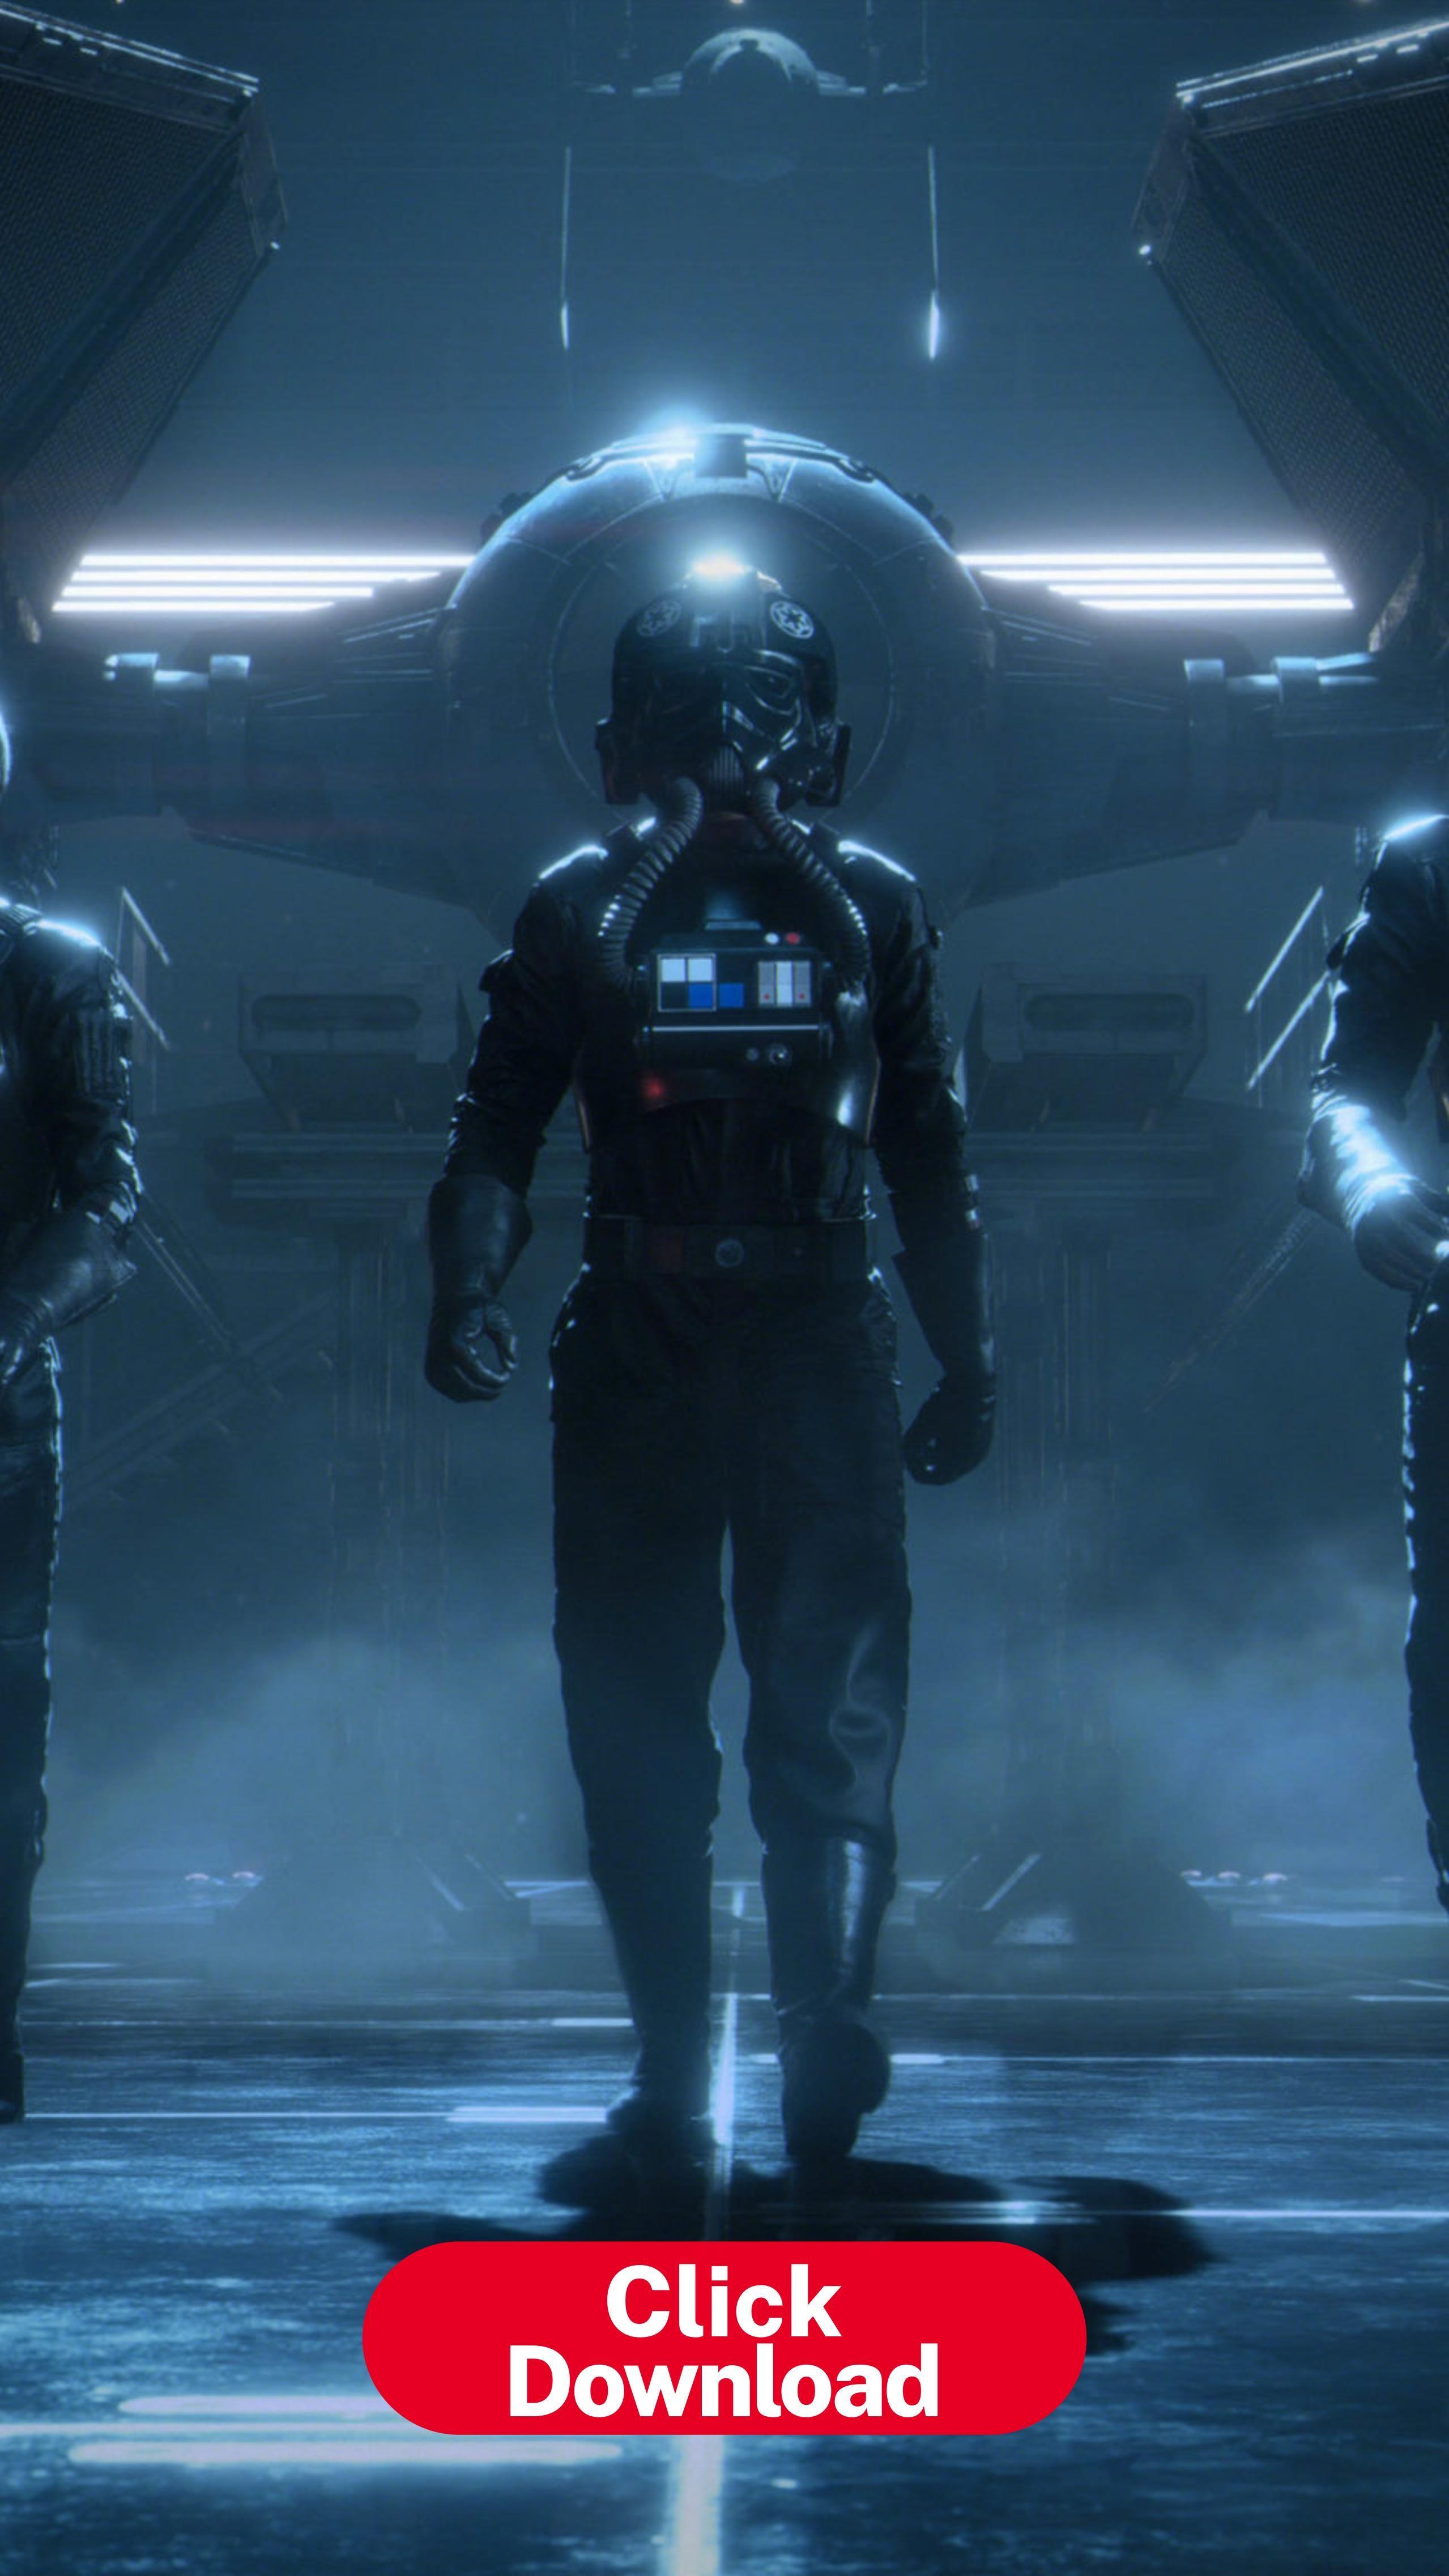 Las Canciones Mas Escuchadas En El Mundo Sazum Star Wars Squadrons Star Wars Background Star Wars Pictures